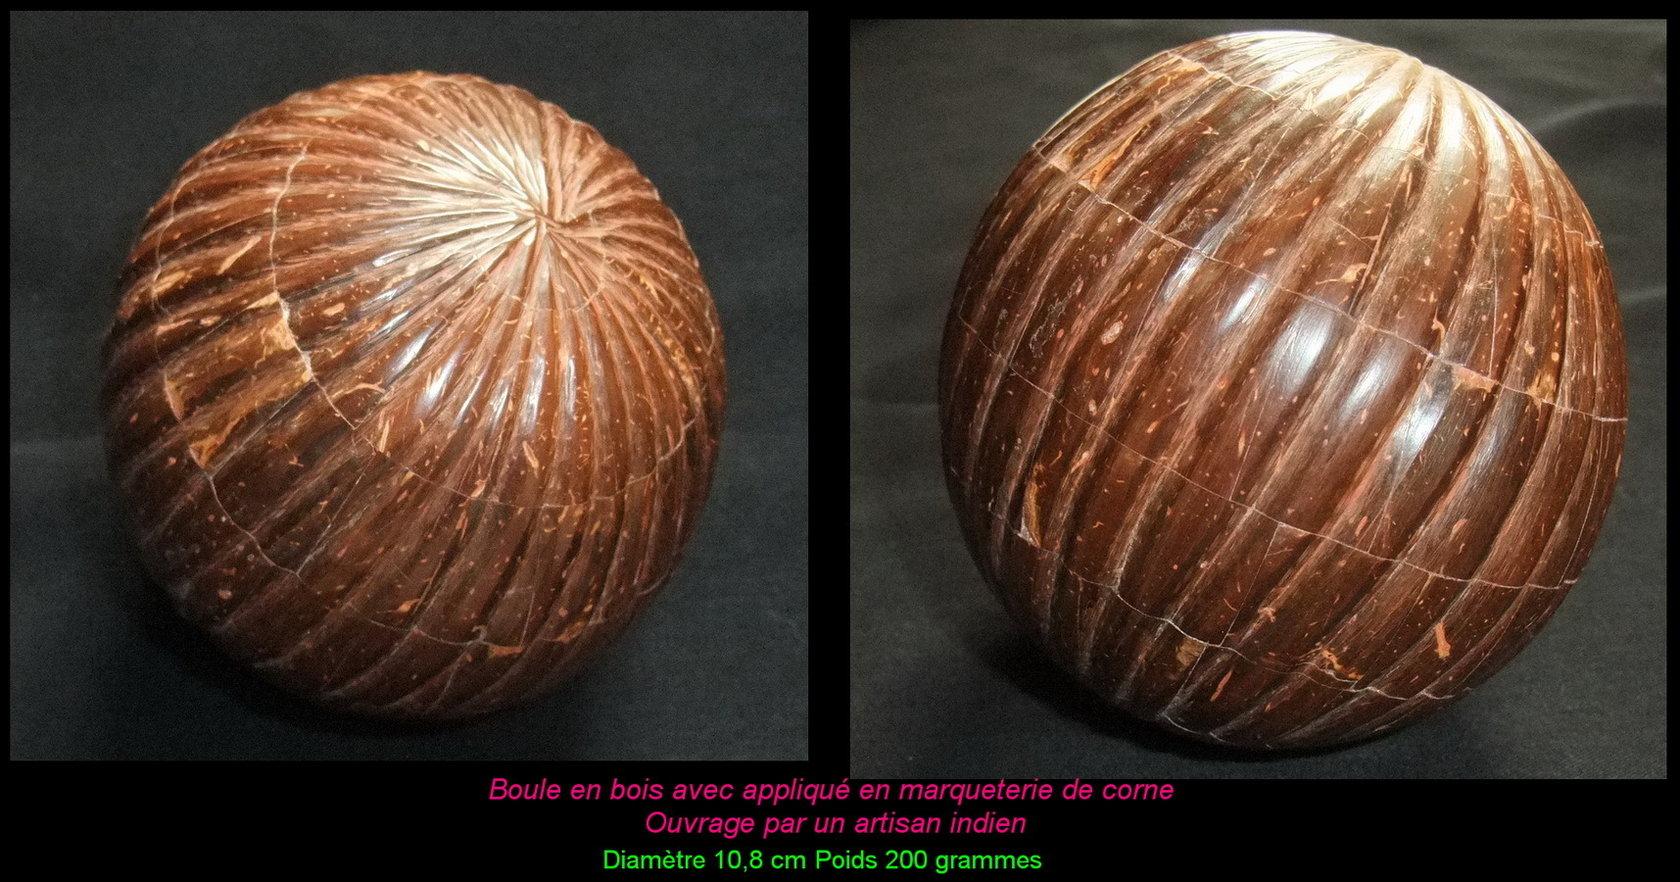 Marqueterie corne sur boule en bois 2 18 Impressionnant Meuble Tv En Bois Exotique Phe2